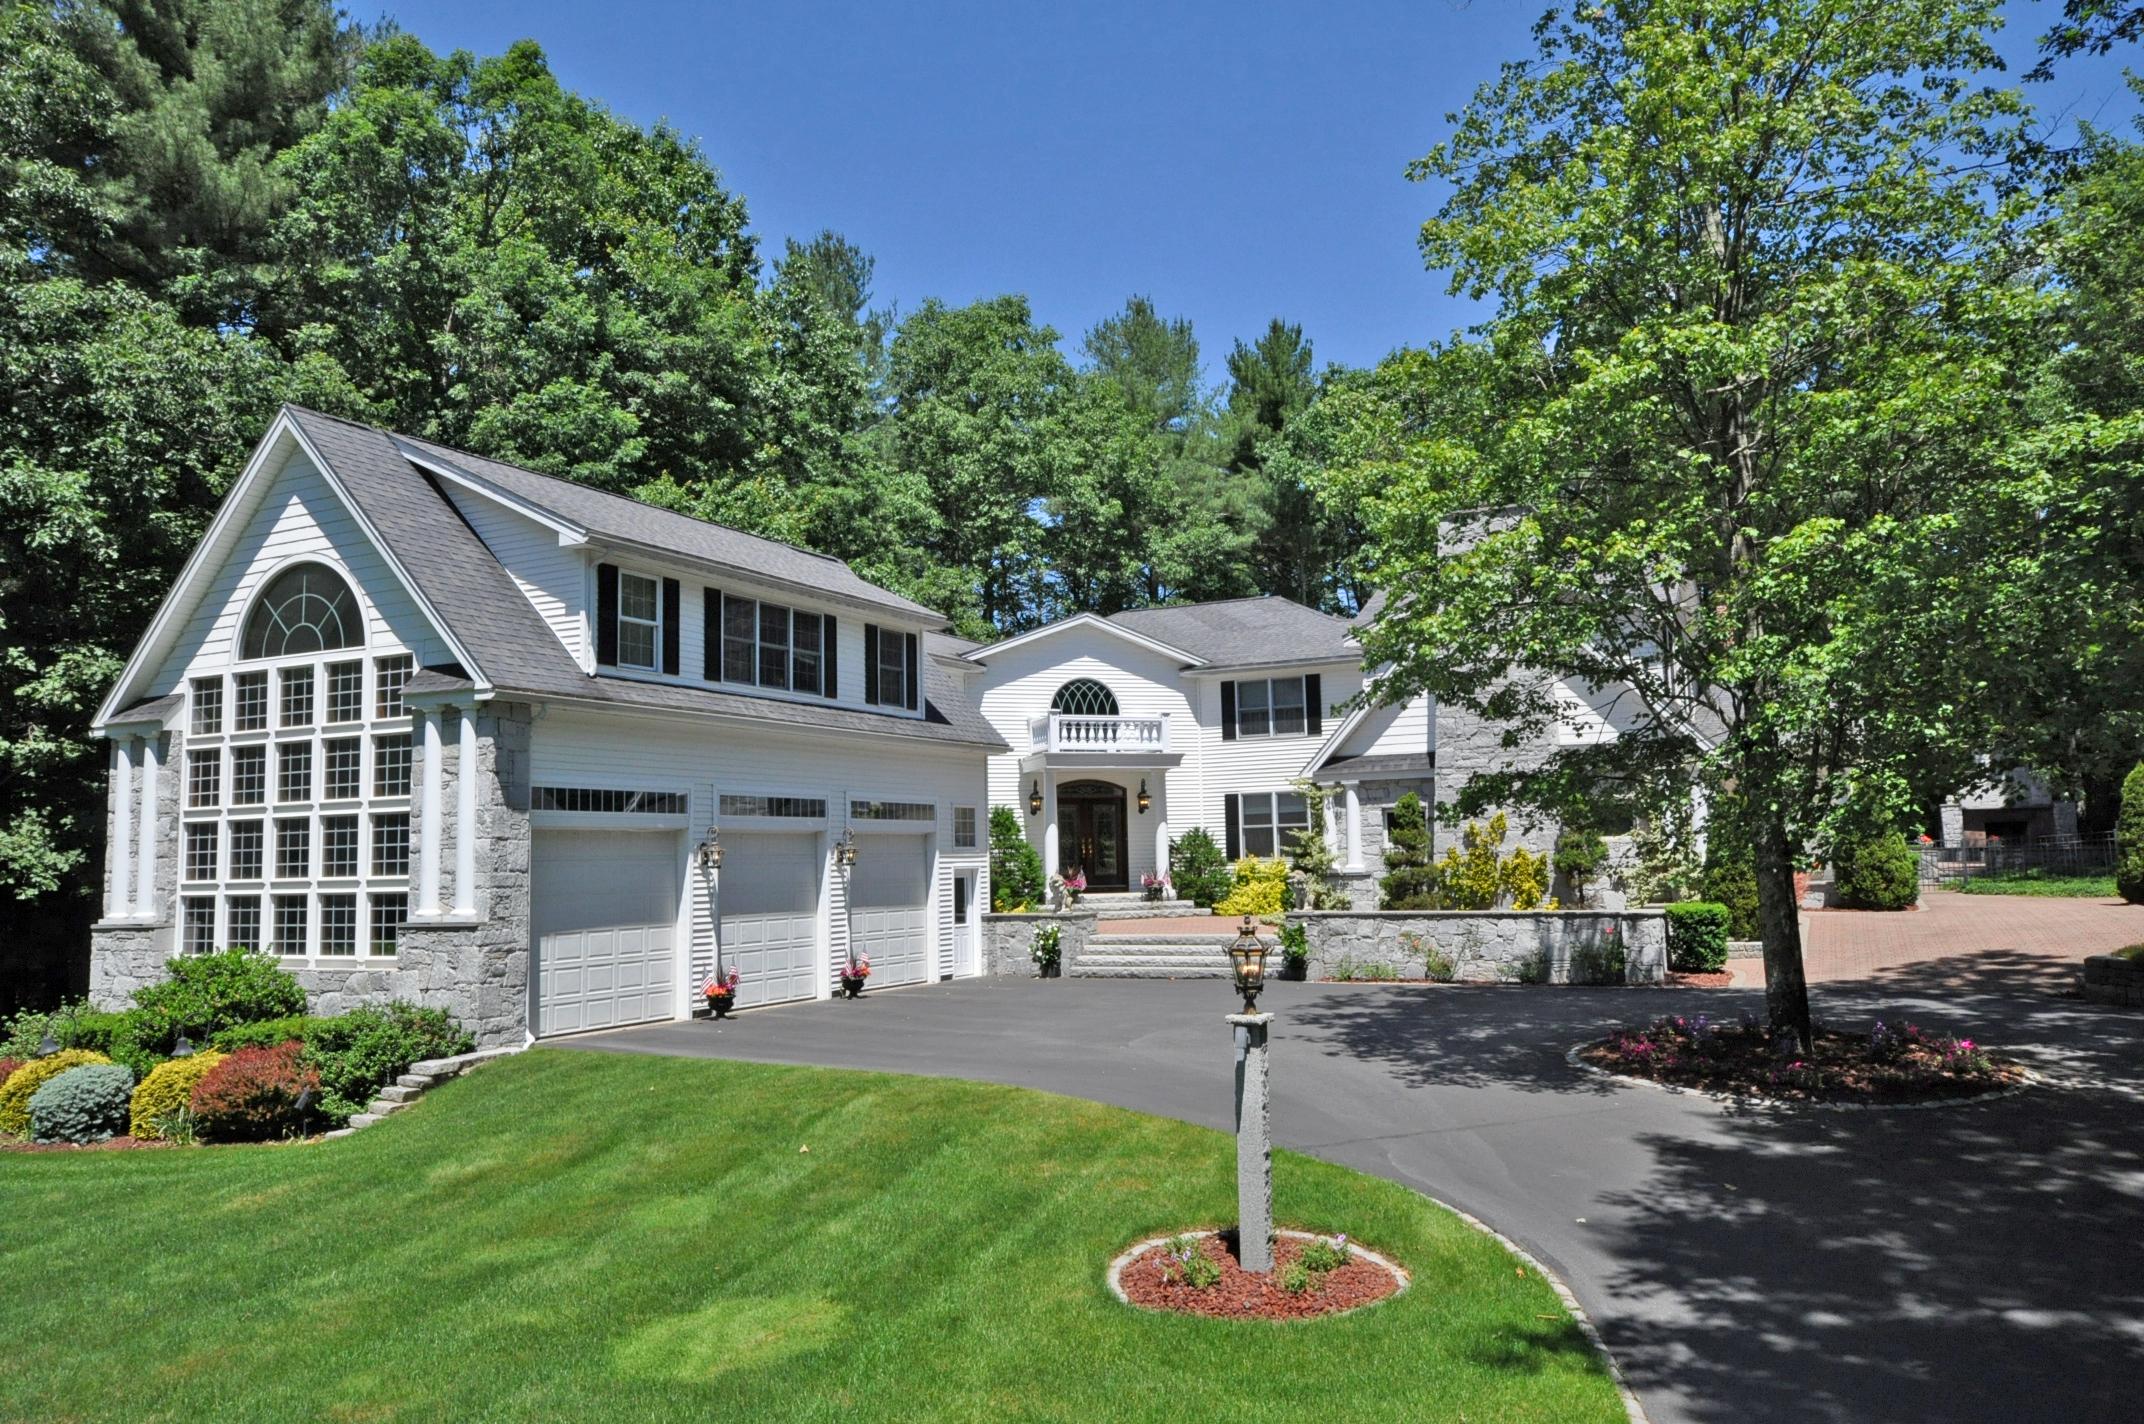 Einfamilienhaus für Verkauf beim An Entertainers Drea 7 Collins Brook Rd Windham, New Hampshire 03087 Vereinigte Staaten